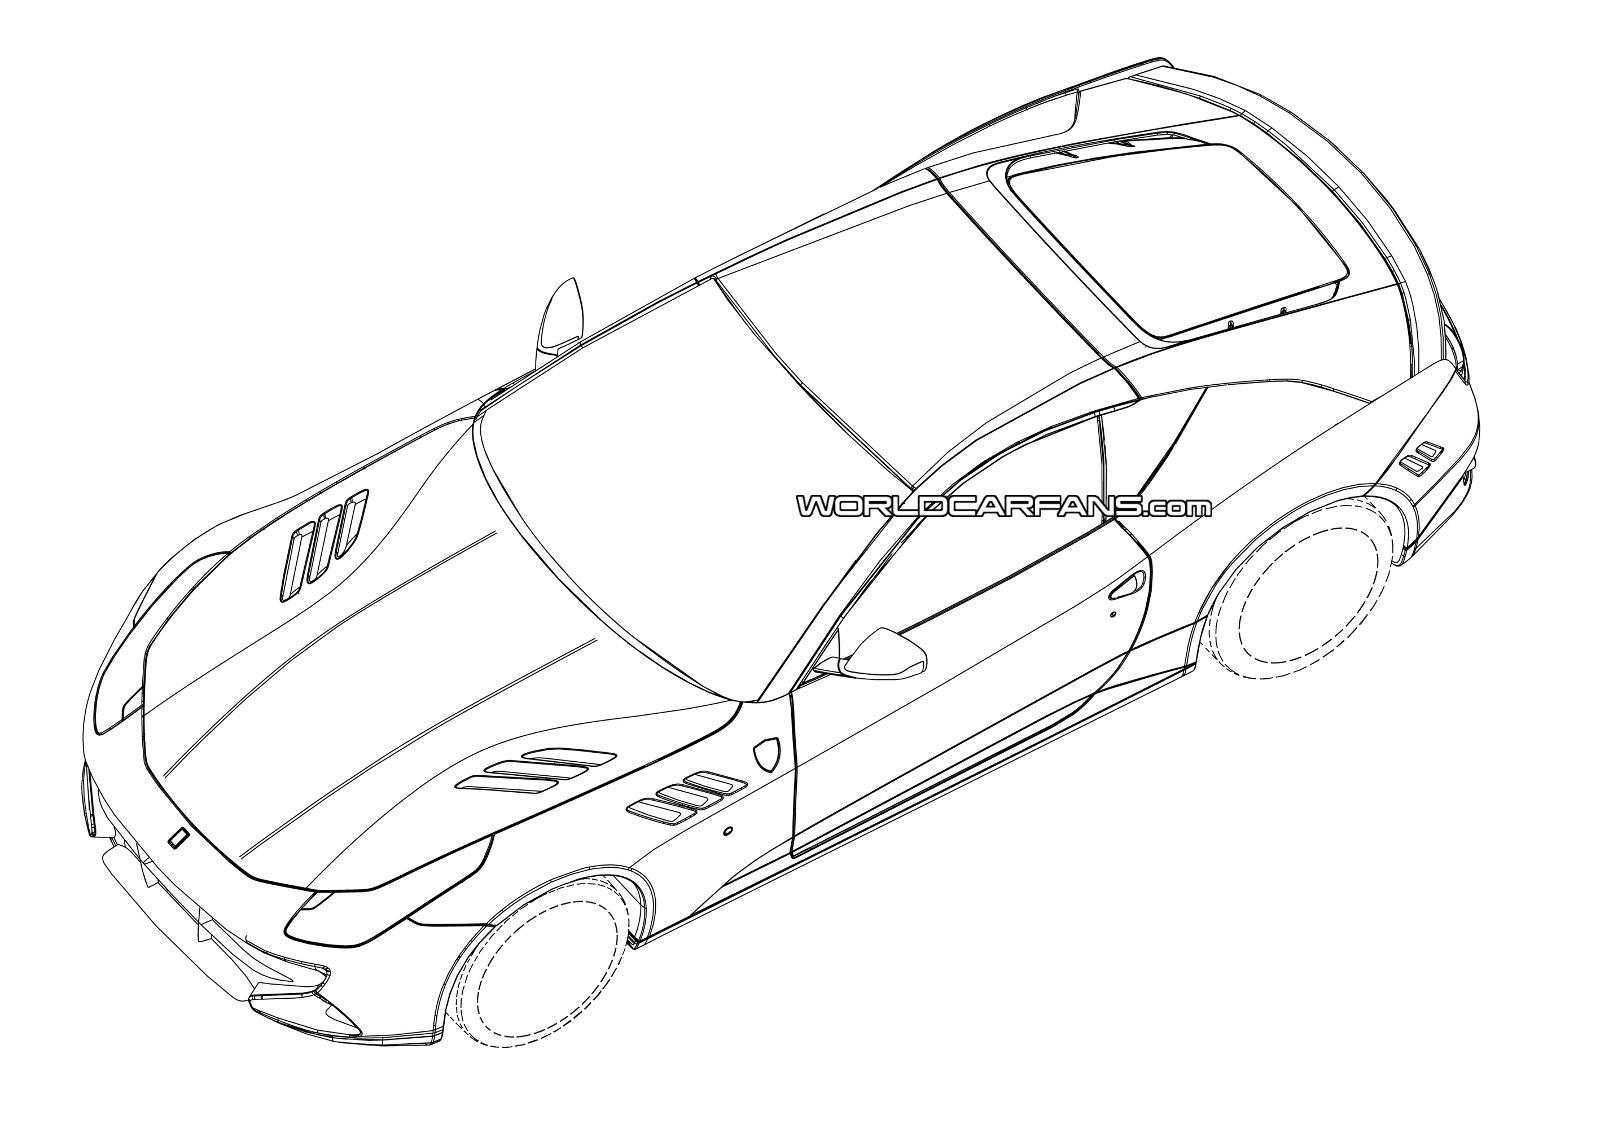 1600x1133 2015 ferrari california replacement patent drawings leaked